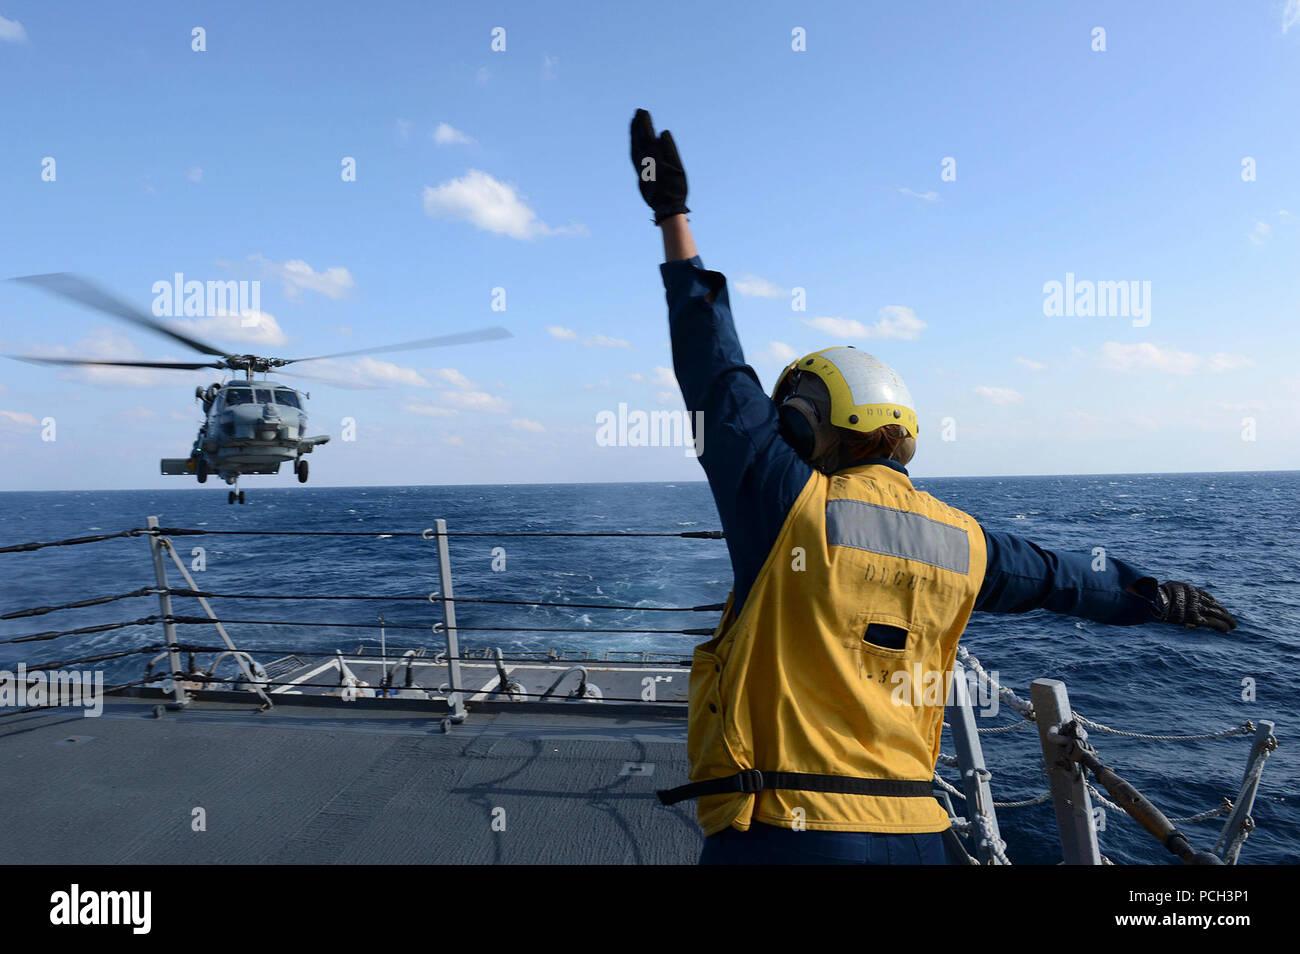 Océano Pacífico (4 de marzo de 2013) Boatswain's Mate de 3ª clase Brittany Chiles señales a un SH-60B Sea Hawk helicóptero mientras aterriza en la cubierta de vuelo a bordo de la clase Arleigh Burke de misiles guiados destructor USS McCampbell (DDG 85). McCampbell es parte del escuadrón destructor15, desplegadas a Yokosuka, Japón, y está en marcha para realizar ejercicio Foal Eagle 2013 nación aliada con la República de Corea en apoyo de la seguridad regional y la estabilidad de la región Asia-Pacífico. Foto de stock